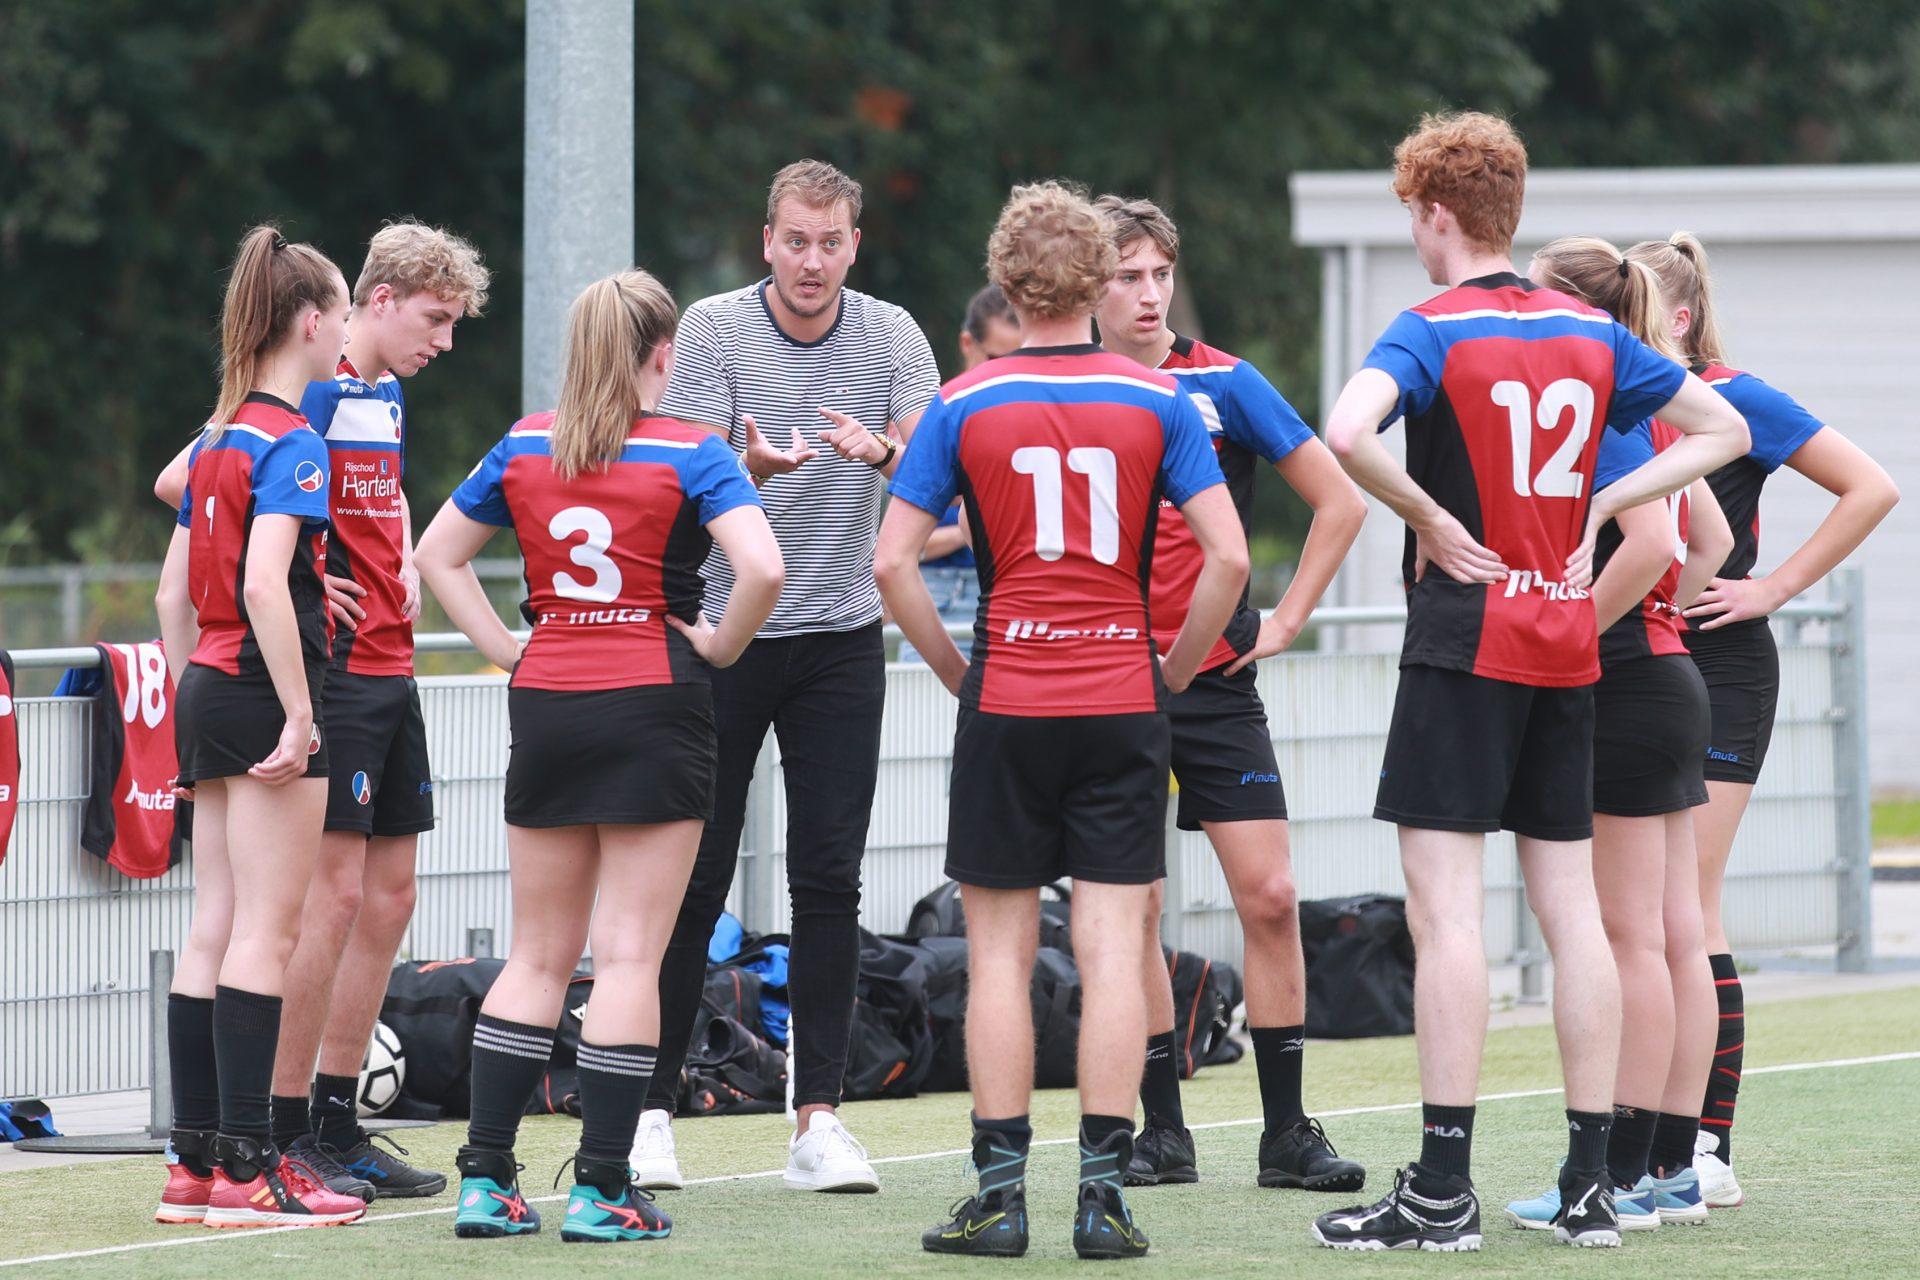 Junioren Round-Up #6: DVO A1 overklast AVO A1, TOP A1 wint van Fortuna A1